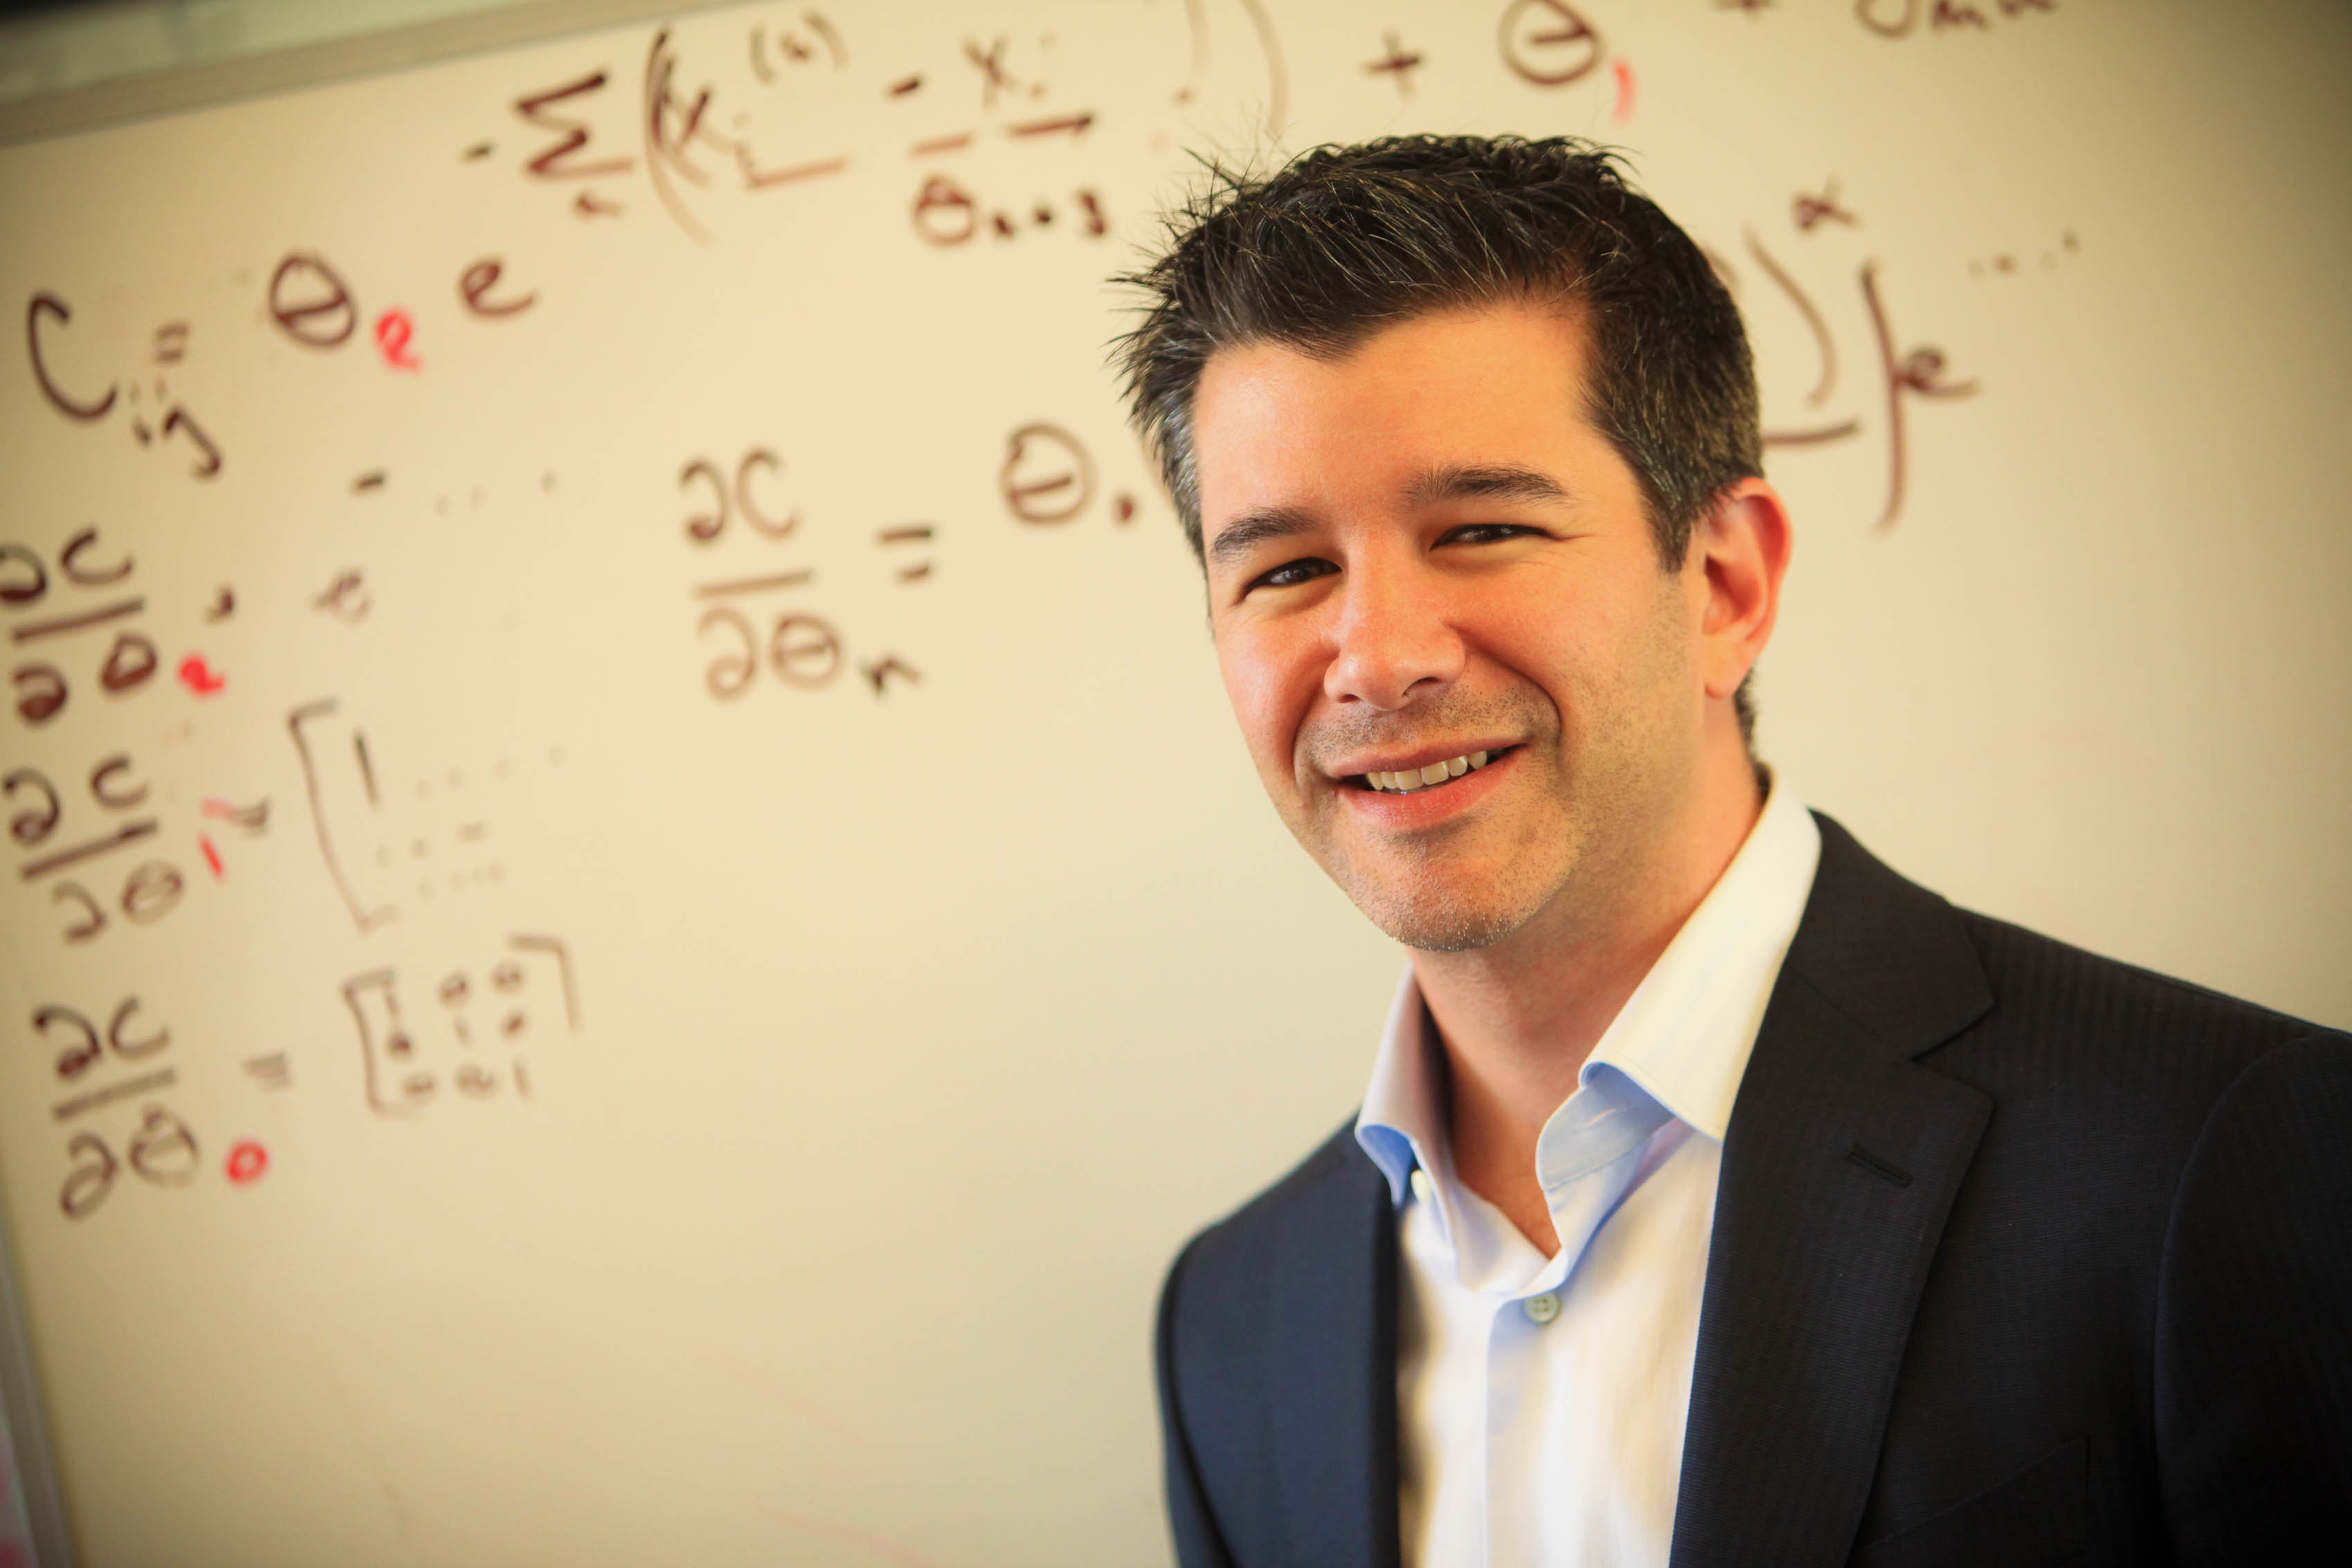 Життя і особистість Тревіса Каланіка, засновника Uber – найдорожчого стартапу в світі